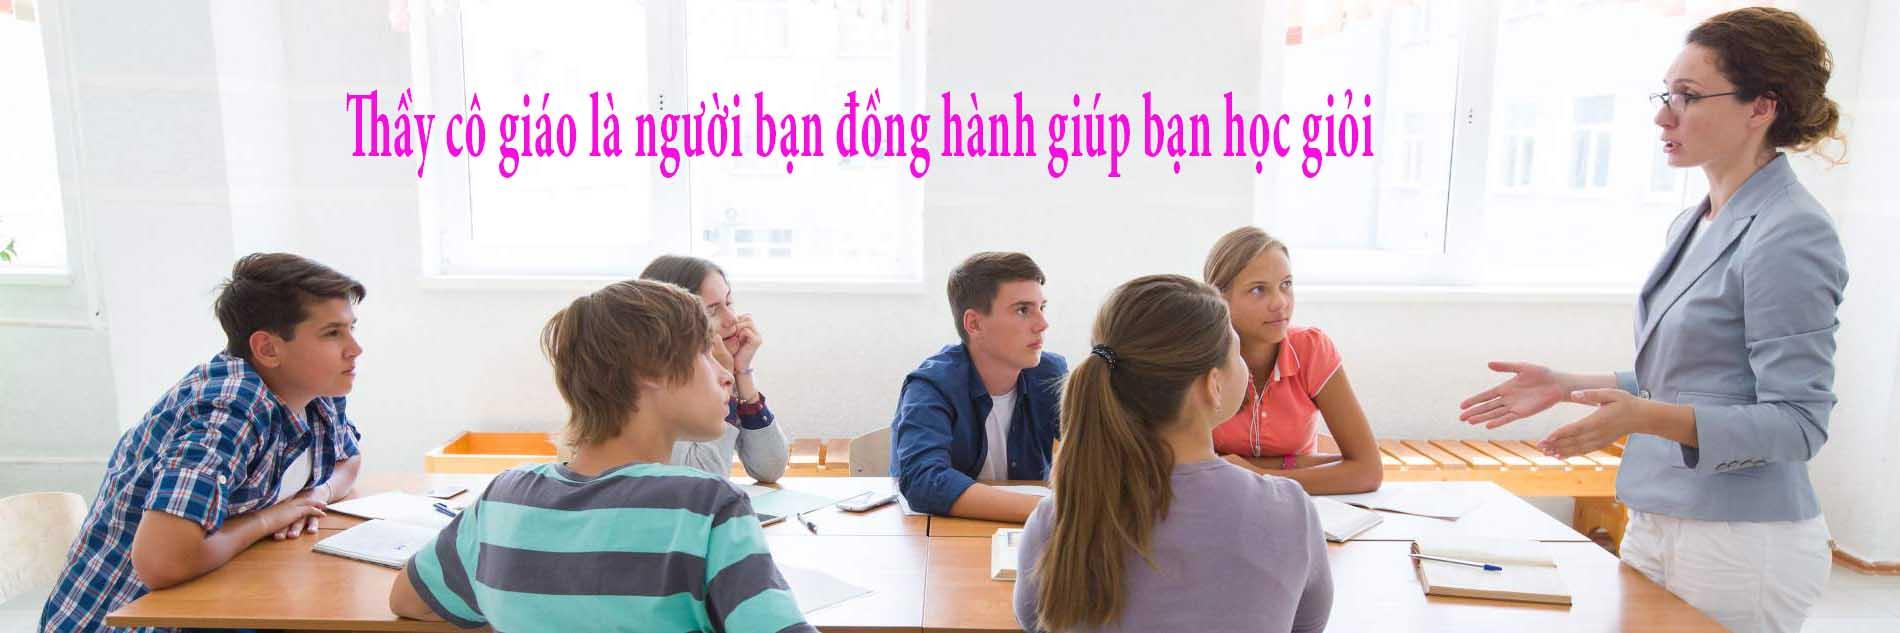 Thầy cô giáo là người bạn đồng hành giúp bạn học giỏi